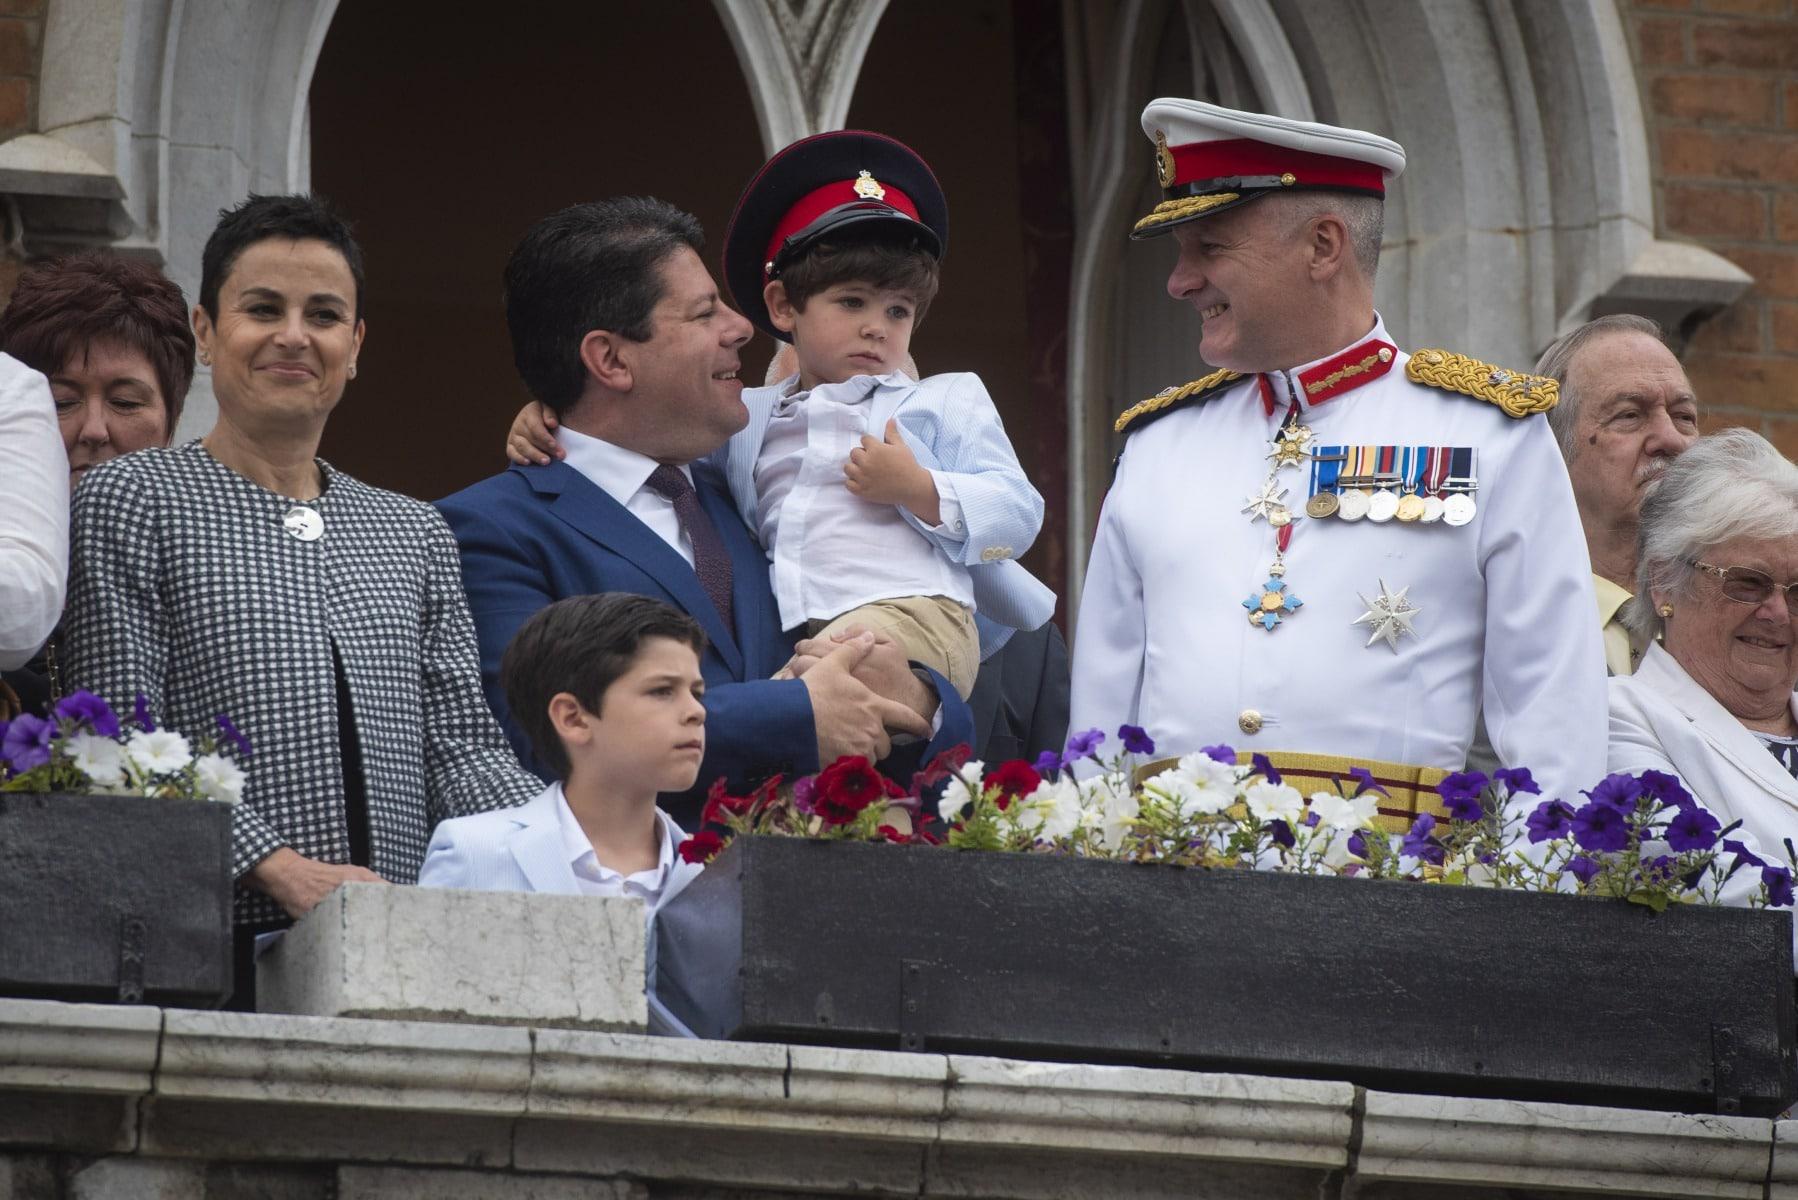 cambio-de-guardia-en-gibraltar-por-boda-real_40402220770_o